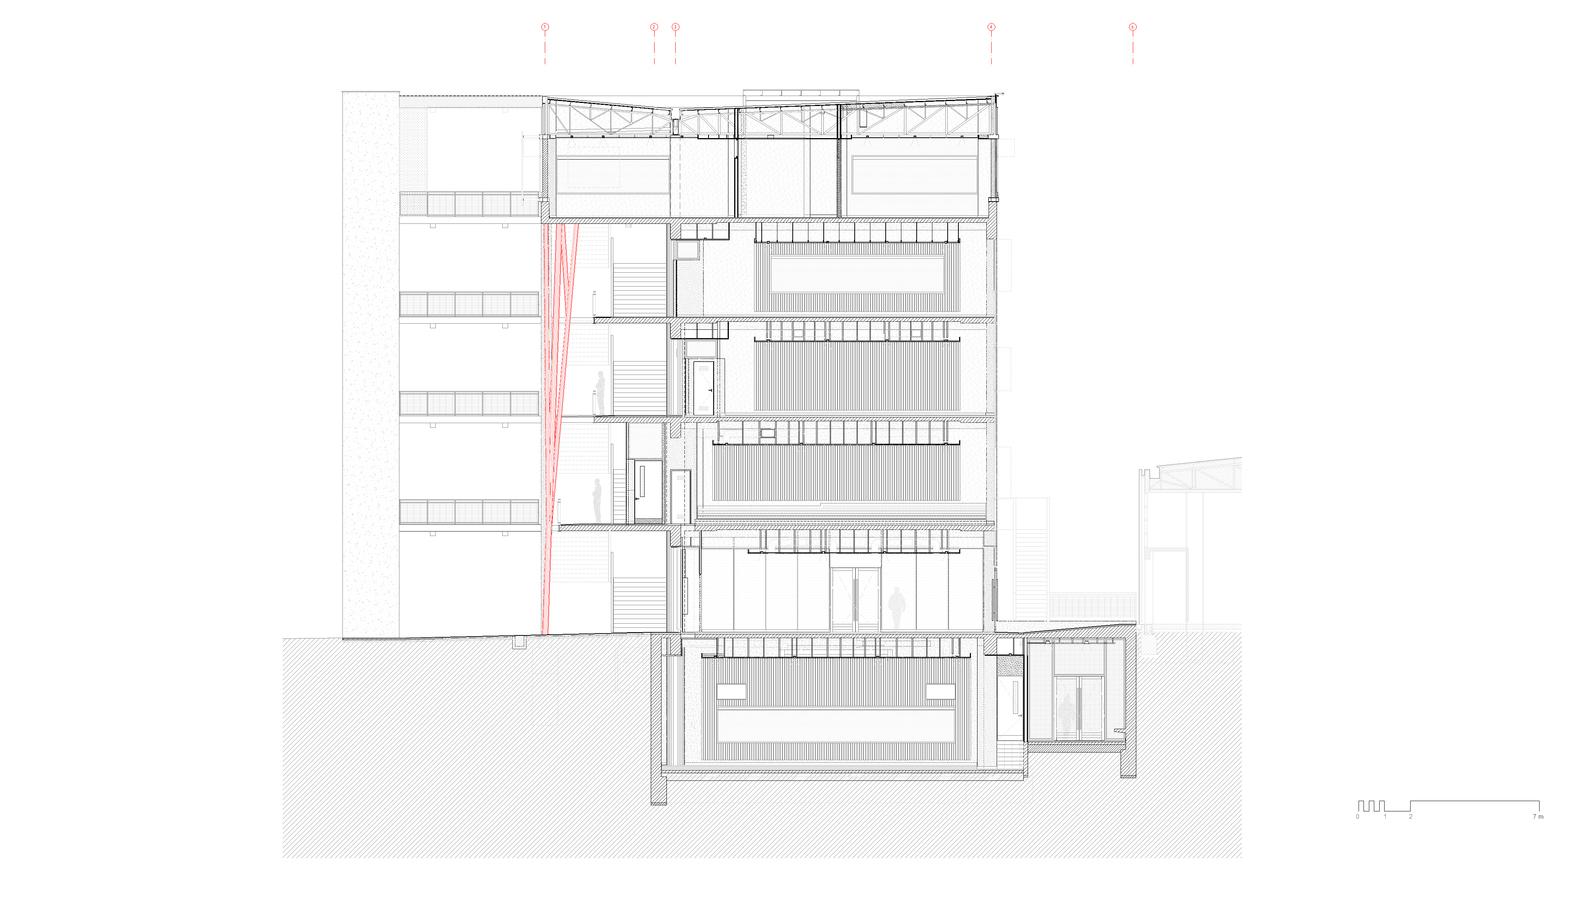 medium resolution of edificio de aulas corte aa